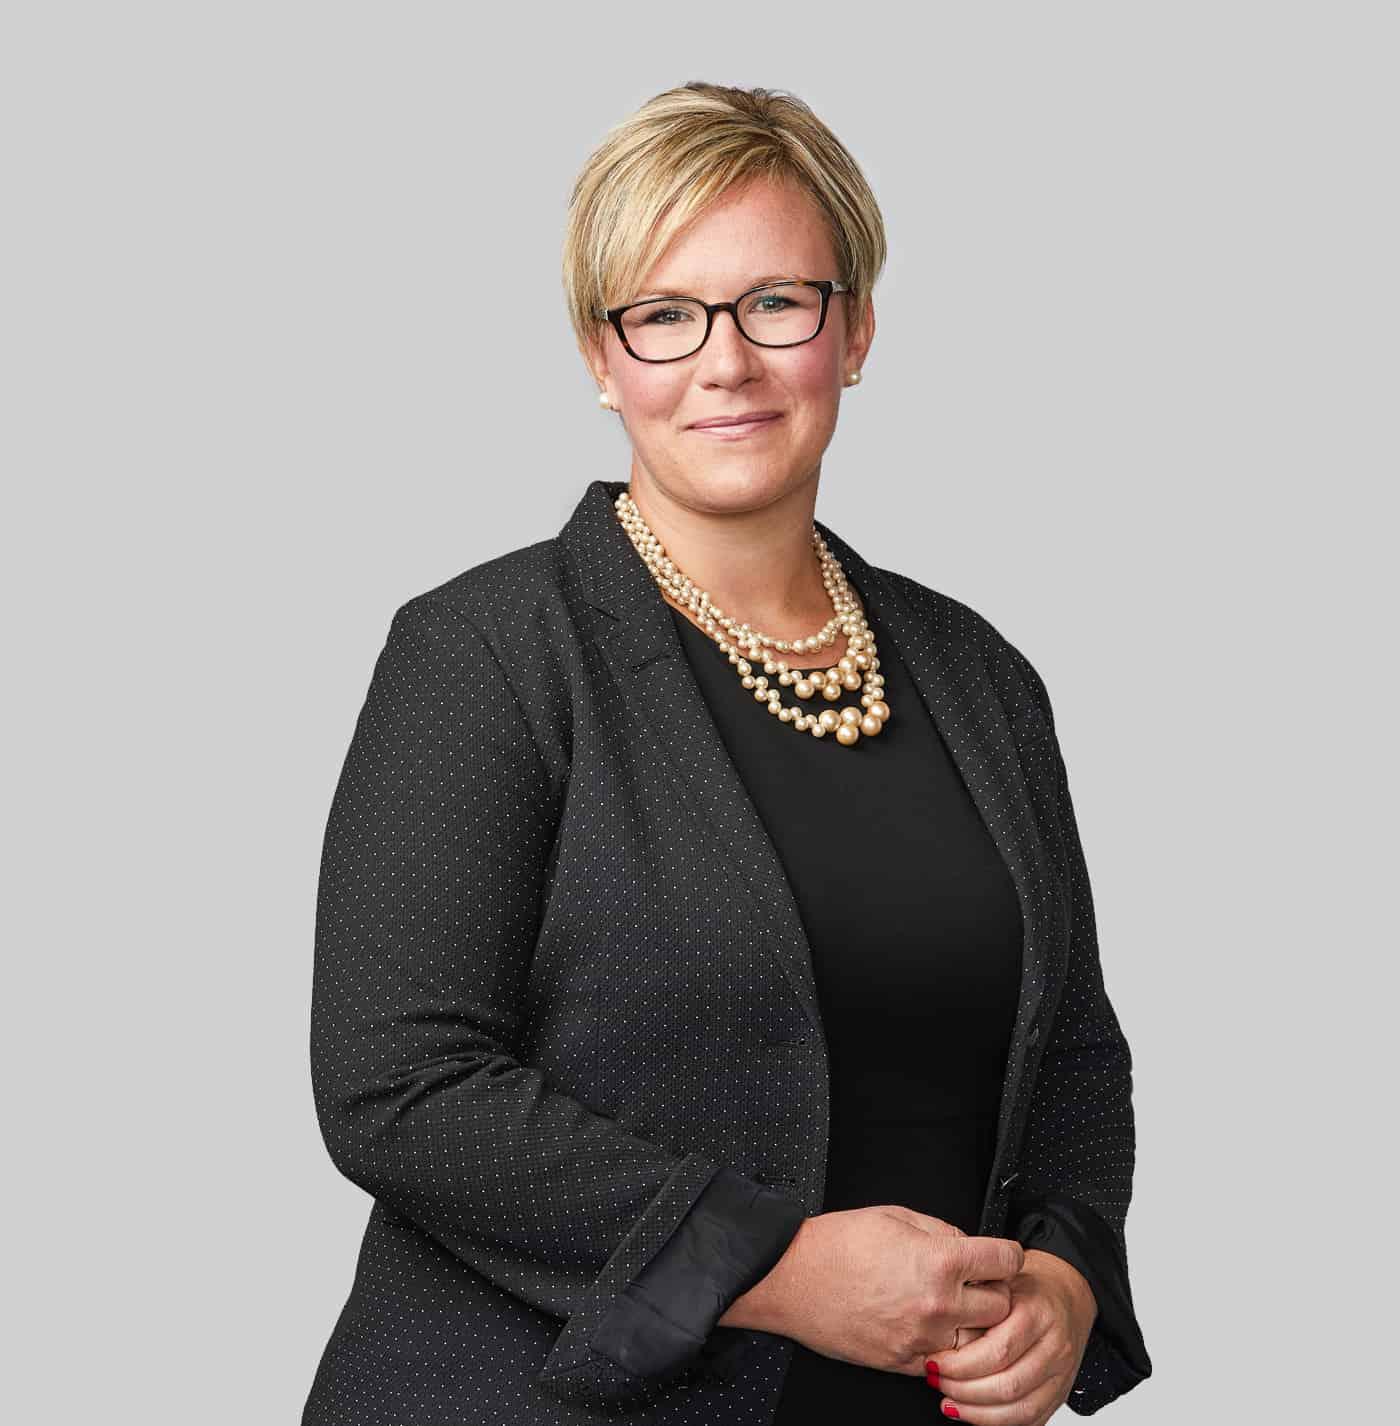 Caroline Etter